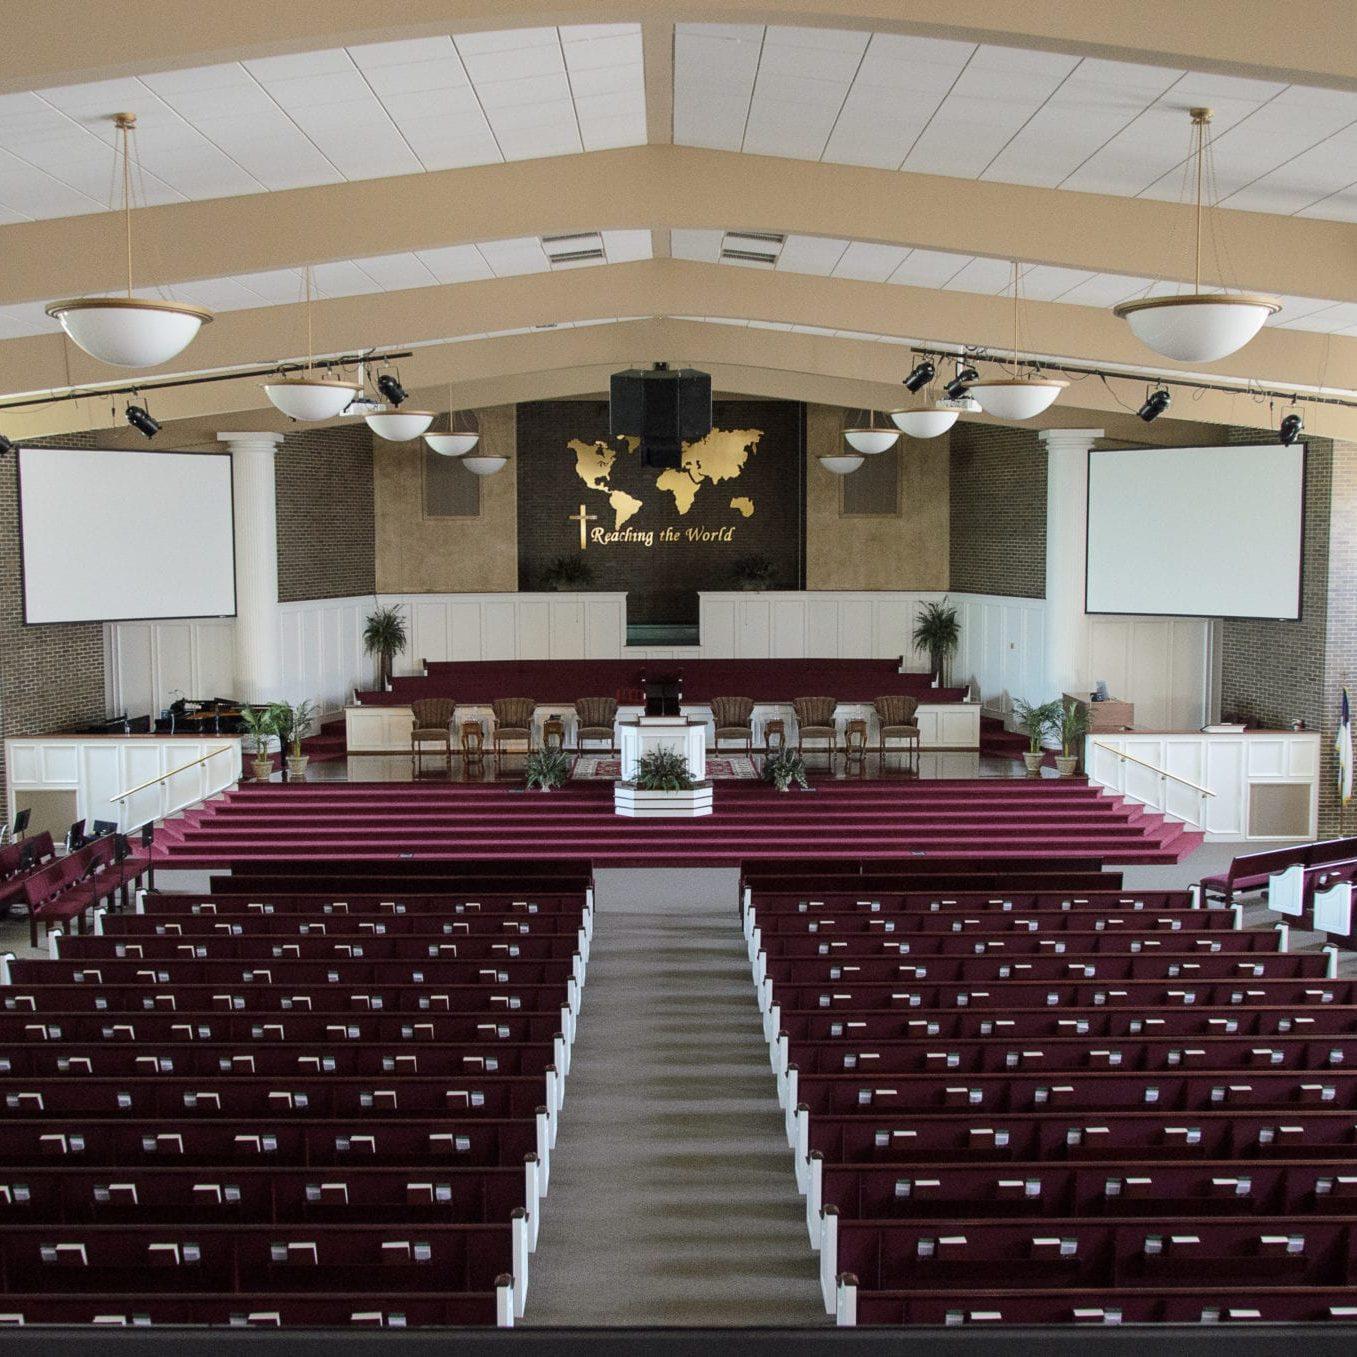 Christine Aichele - Church Auditorium